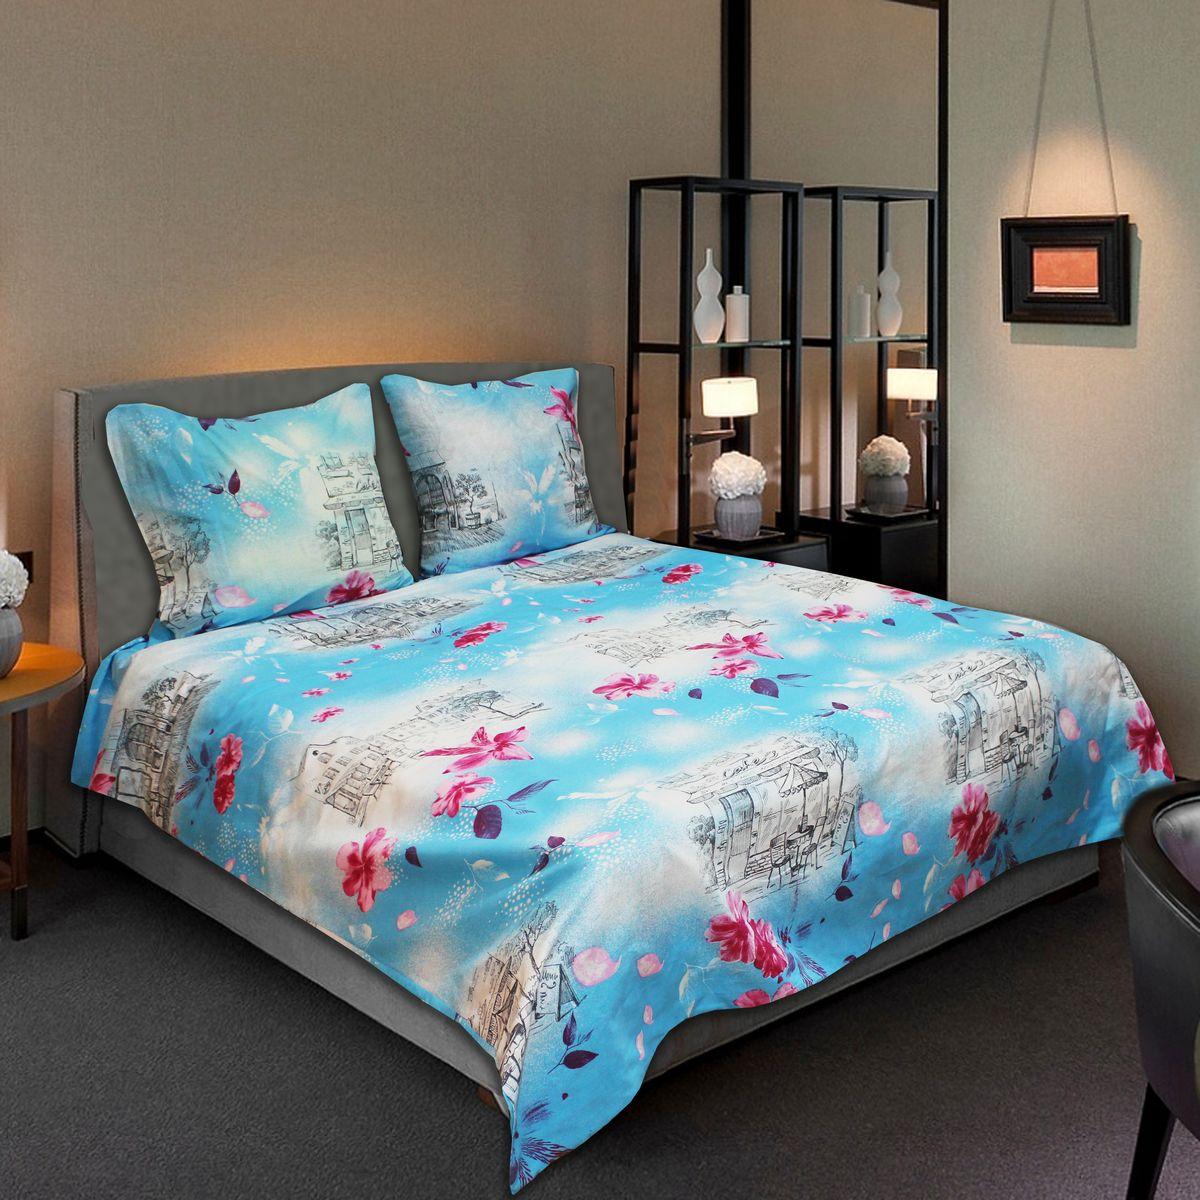 Комплект белья Amore Mio Light, 2-спальный, наволочки 70х7077713Постельное белье из бязи практично и долговечно, а самое главное - это 100% хлопок! Материал великолепно отводит влагу, отлично пропускает воздух, не капризен в уходе, легко стирается и гладится. Новая коллекция Naturel 3-D дизайнов позволит выбрать постельное белье на любой вкус!